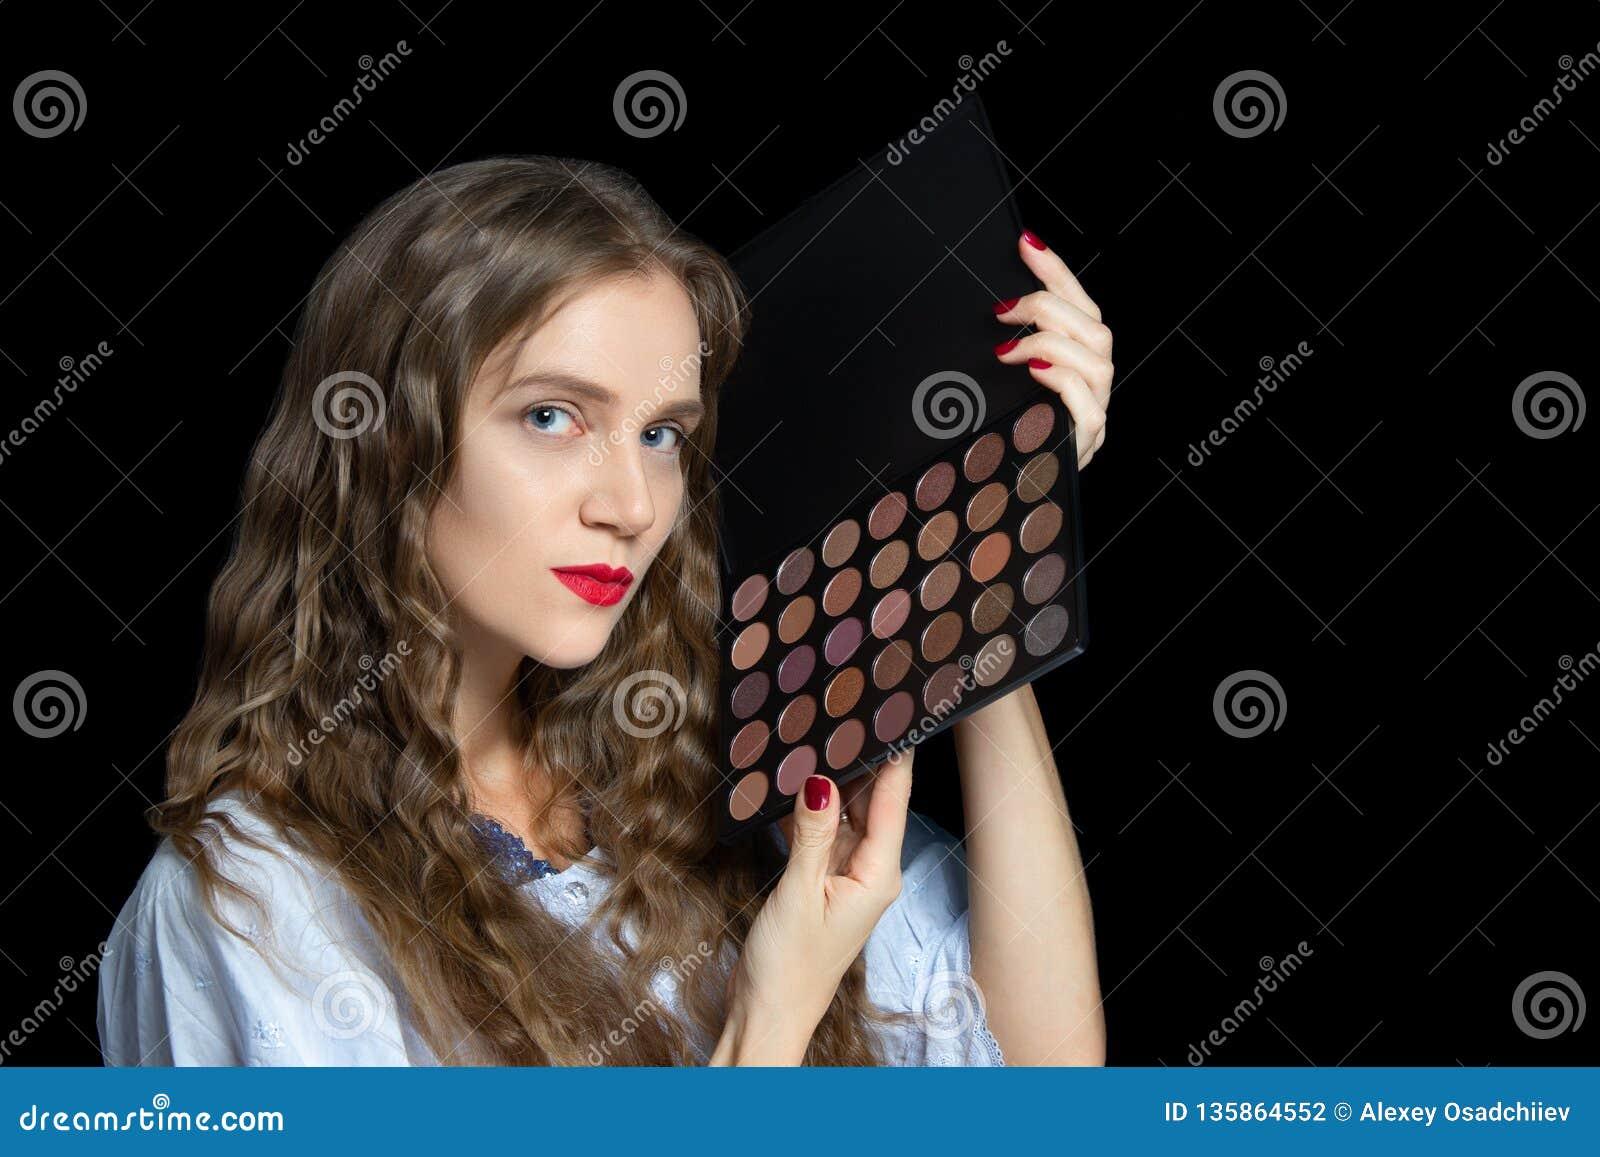 Девушка модель работы с заказчиком полина пушкарева